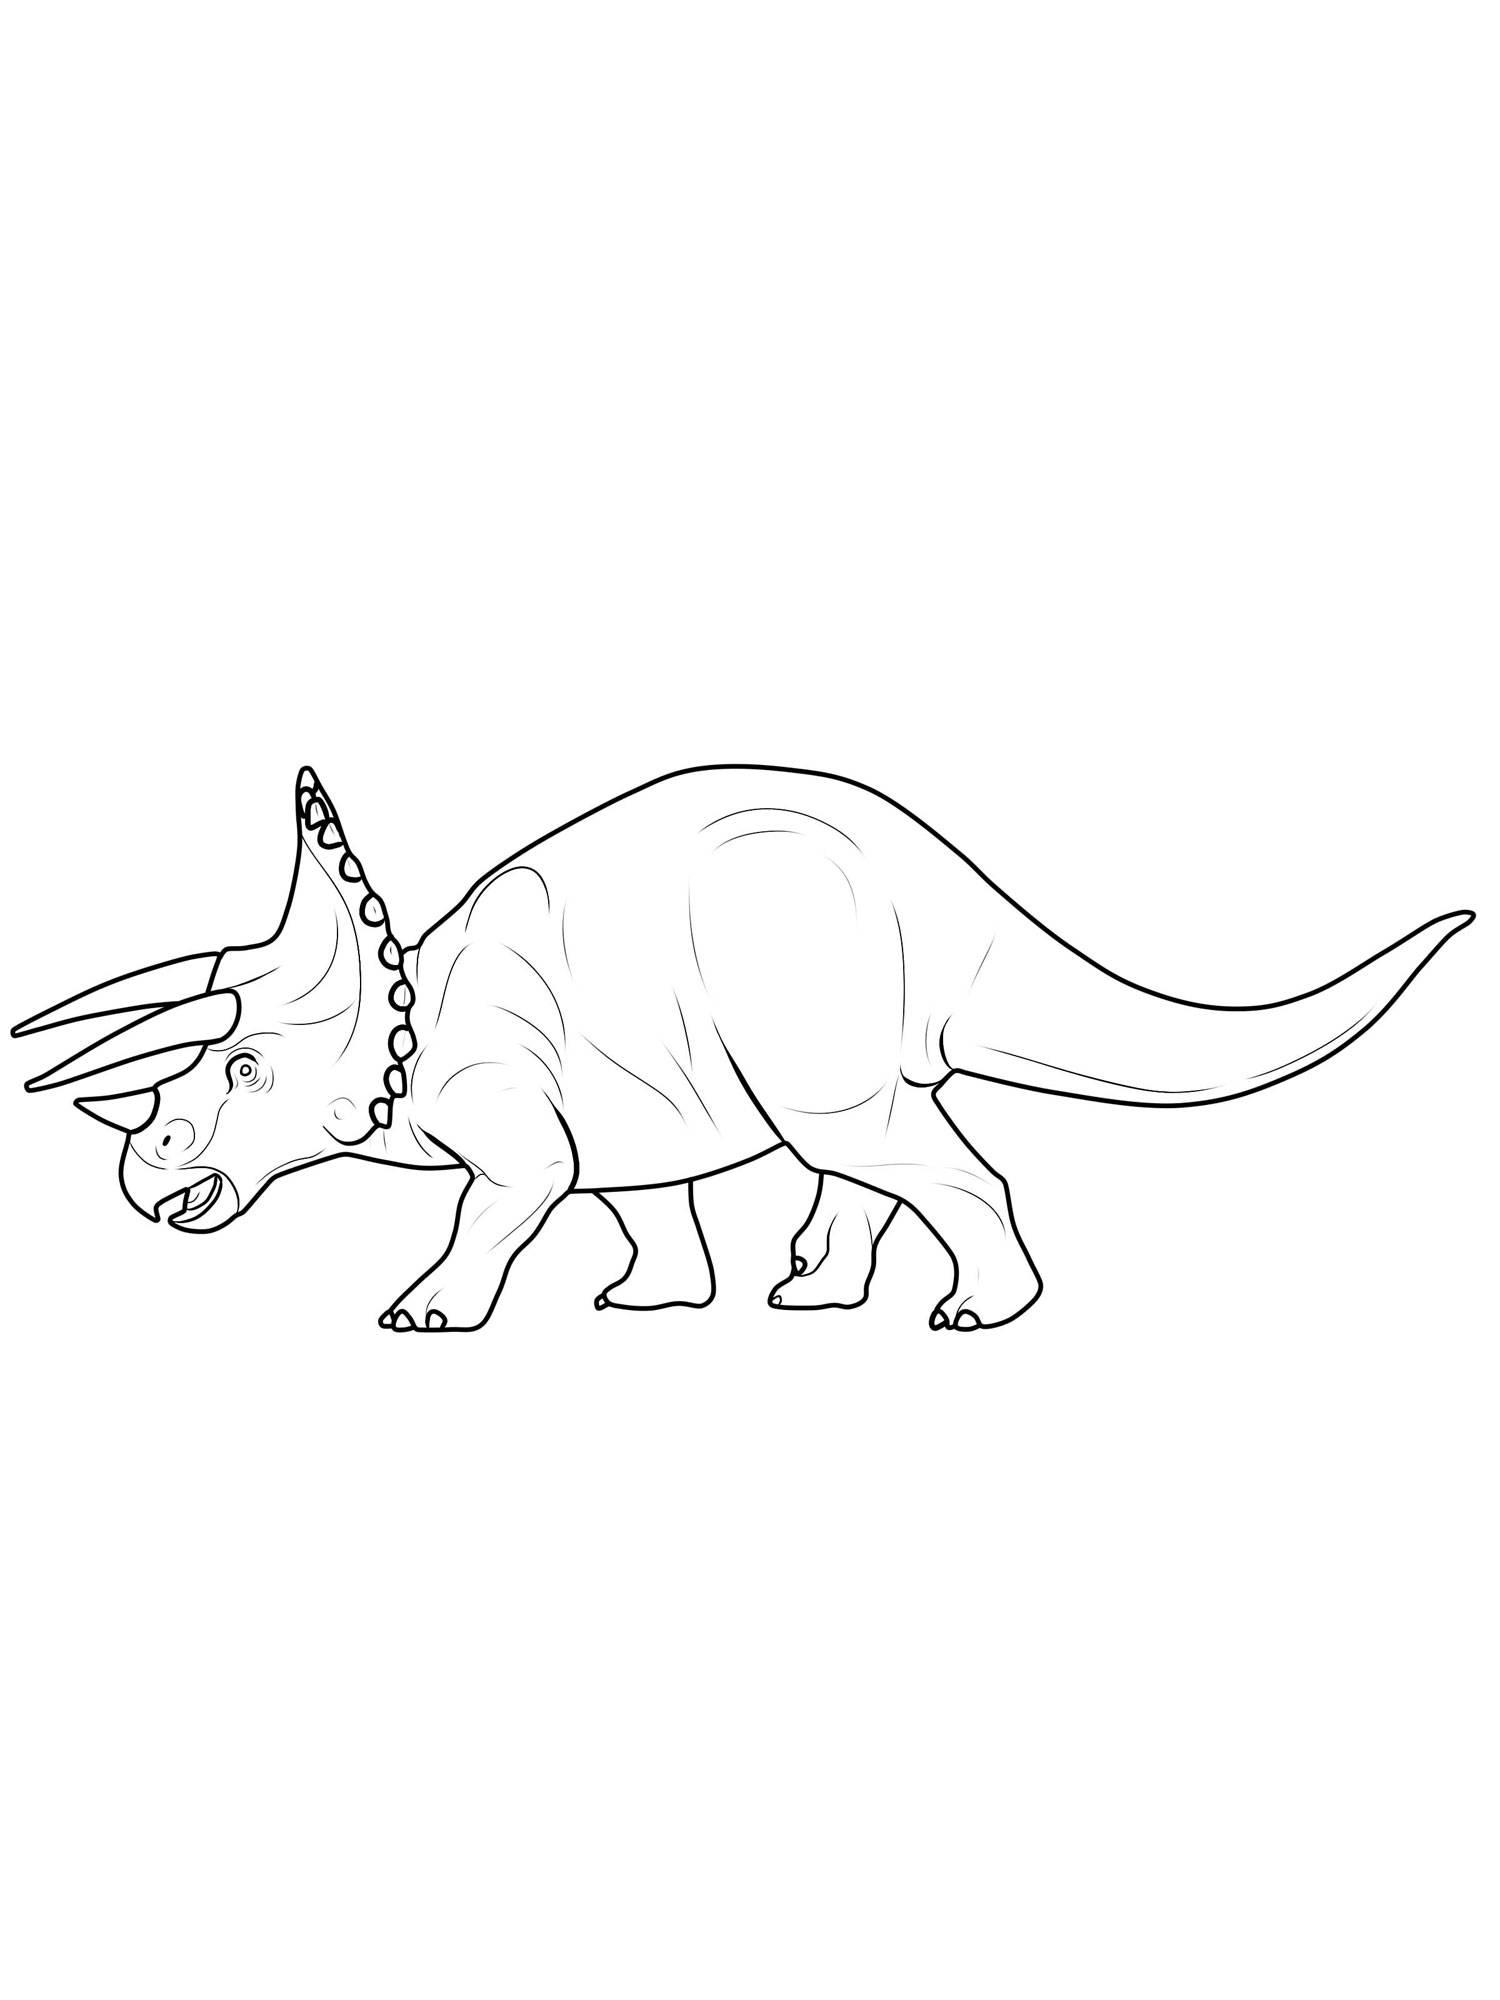 Ausmalbilder Zum Ausdrucken Dinosaurier